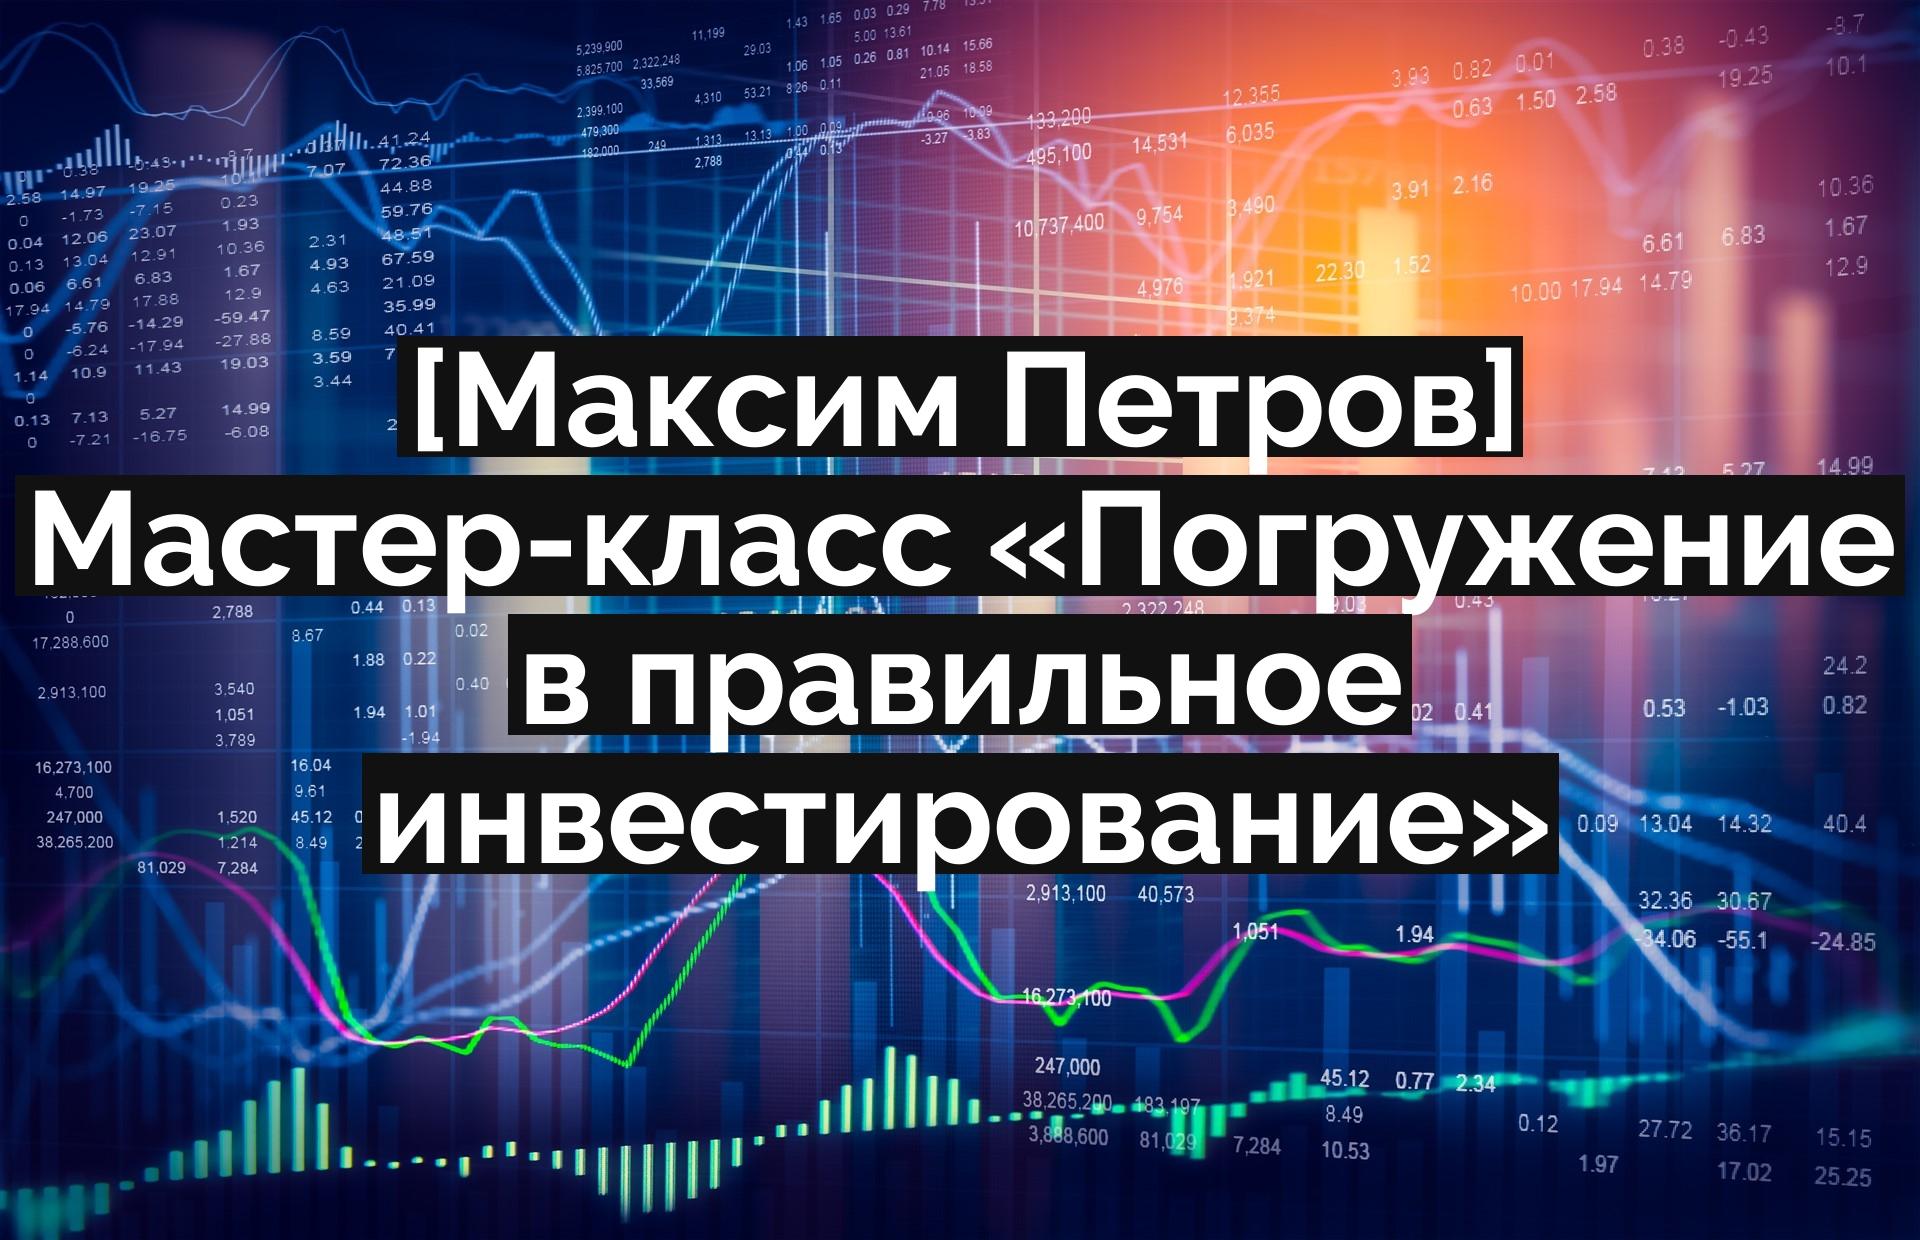 [Максим Петров] Мастер-класс «Погружение в правильное инвестирование»